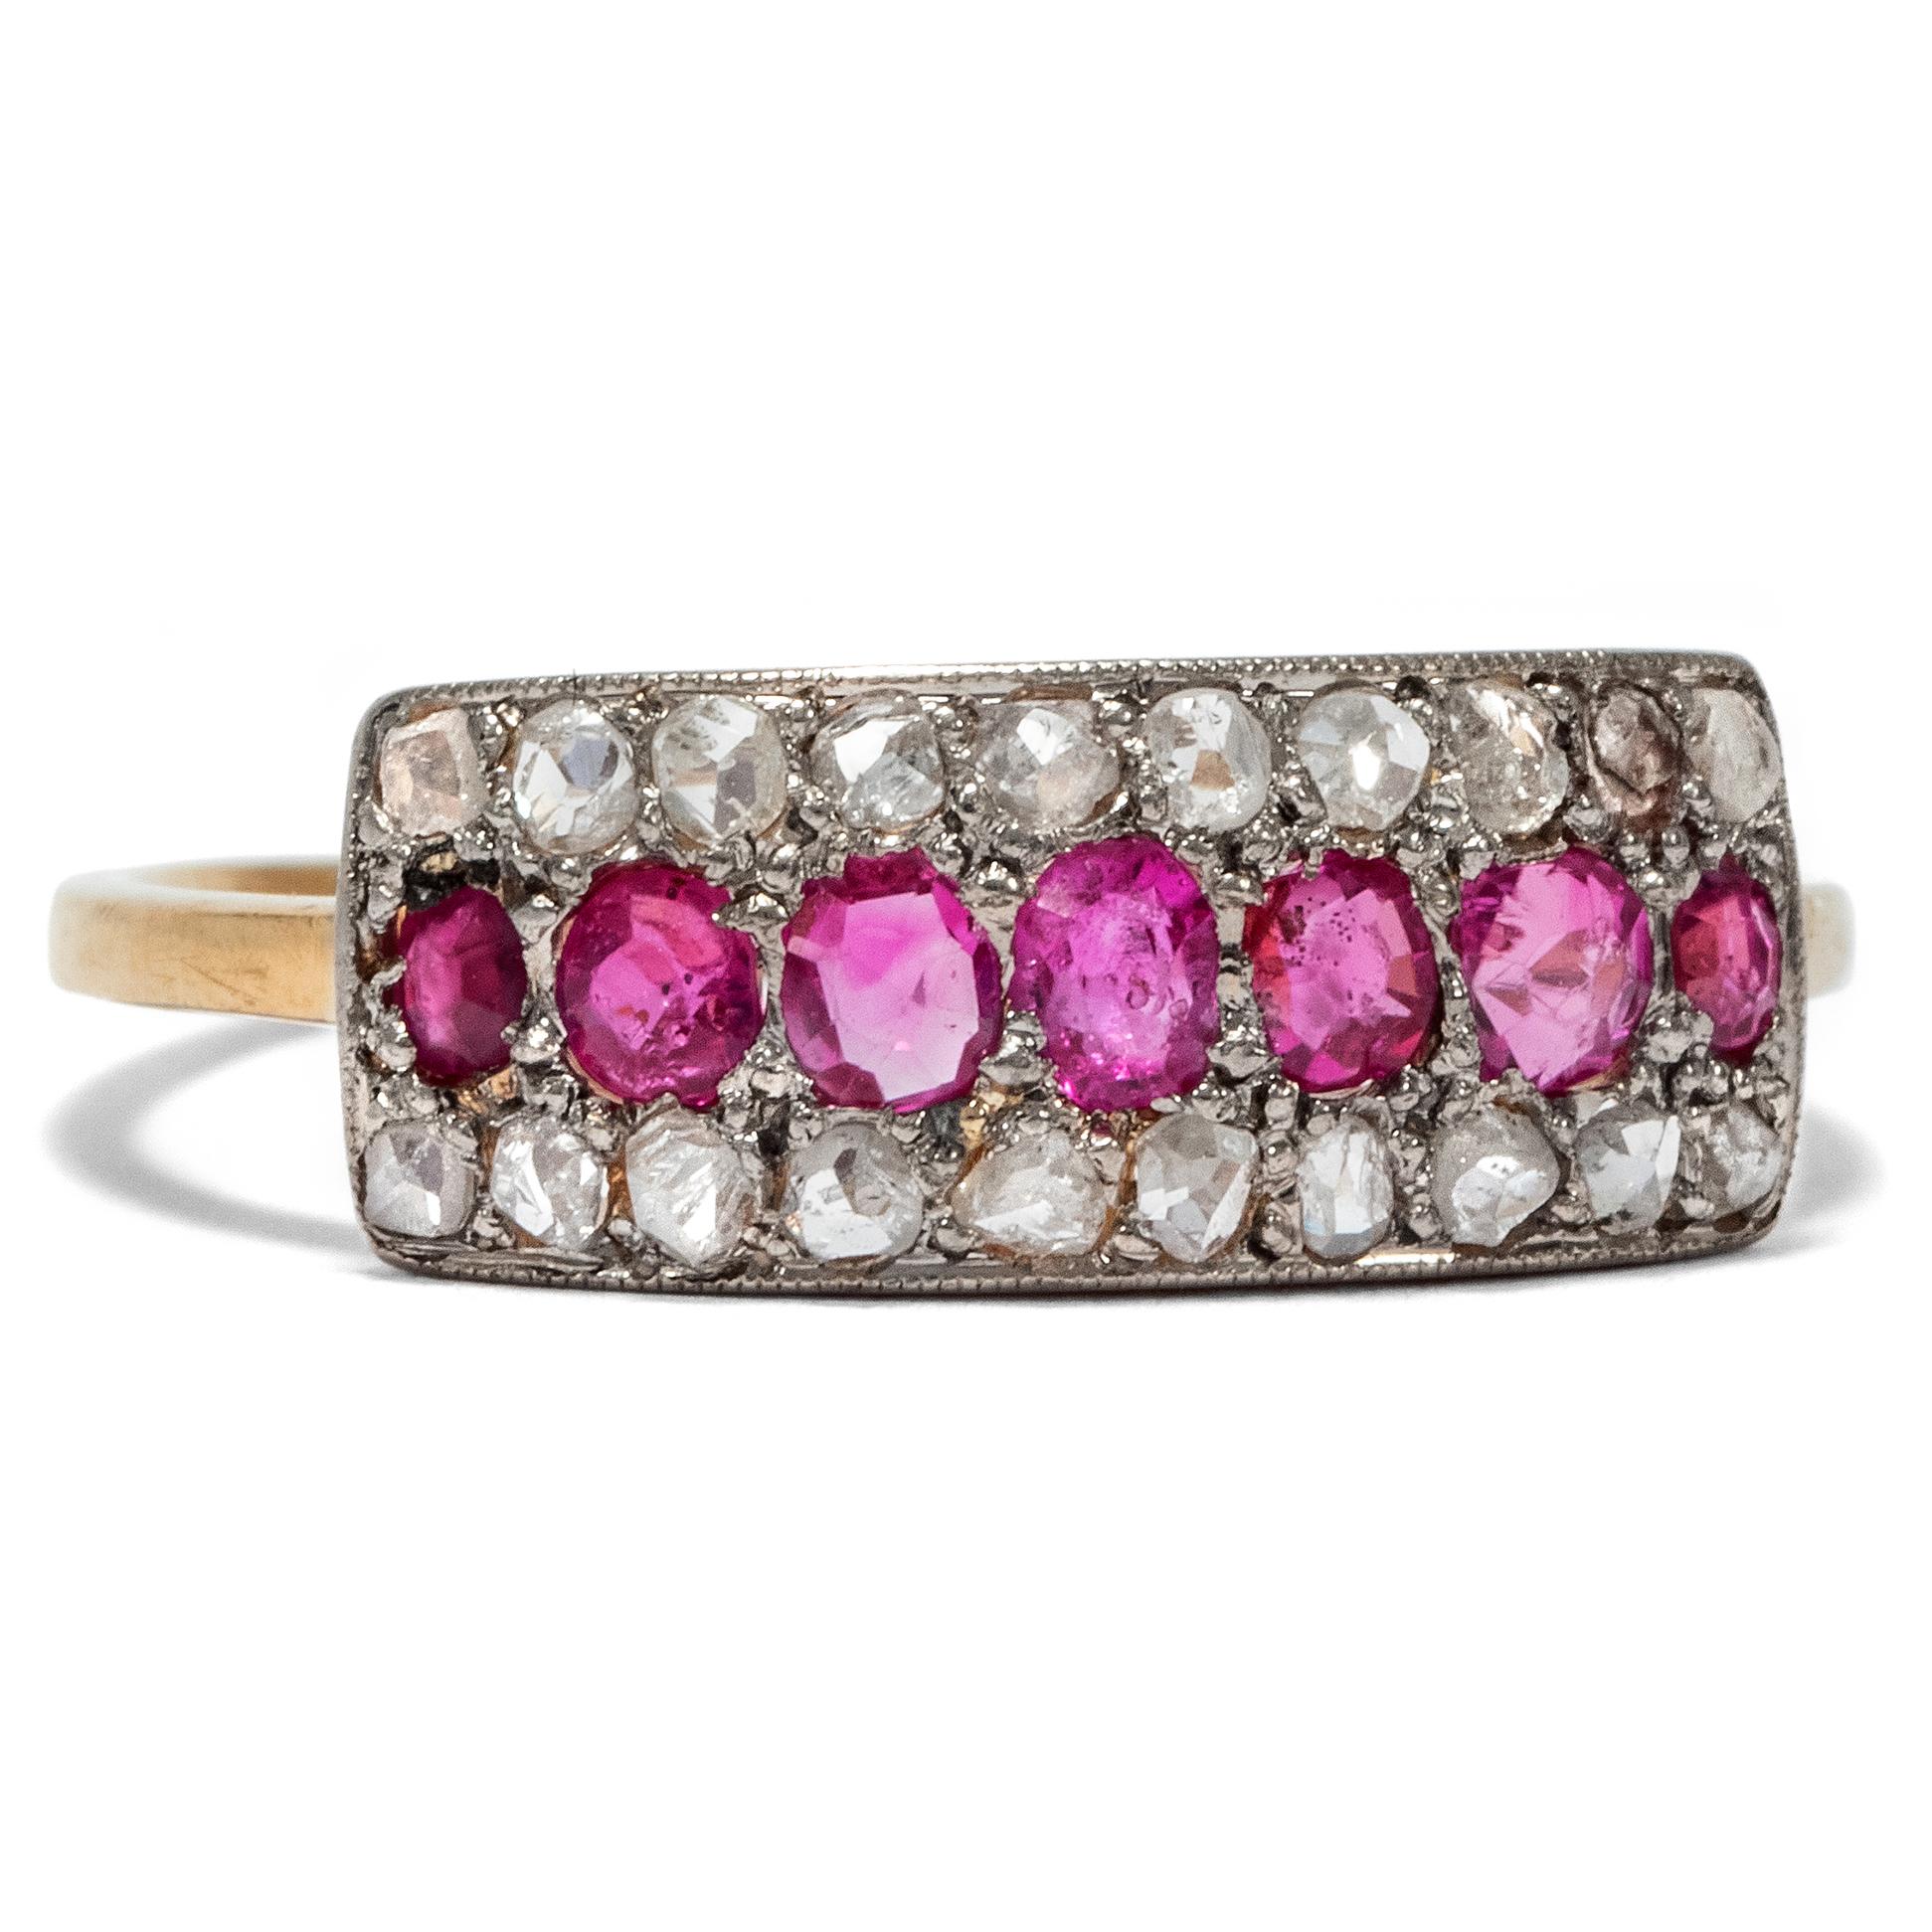 Echtschmuck Nadel Brosche Mit Brillant Diamant Rubin Brillant In Aus Platin Rubinen Unikate & Goldschmiedearbeiten